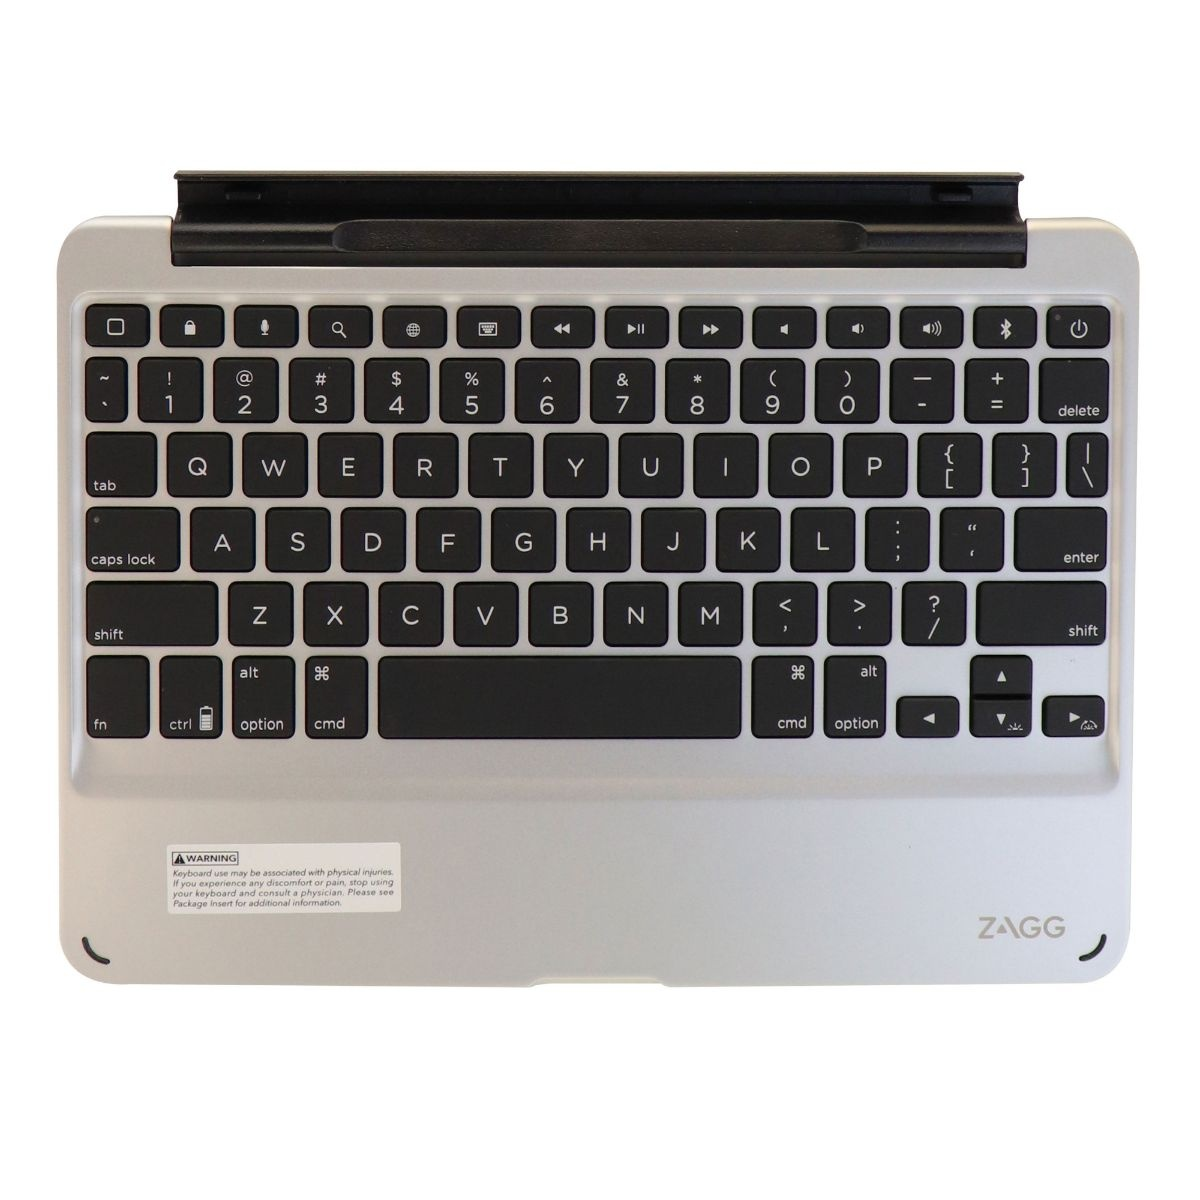 ba6067eadbb ... ZAGG Slim Book Bluetooth Keyboard Folio Case for iPad Pro 9.7 -  Black/Silver. Moving Fast! prev